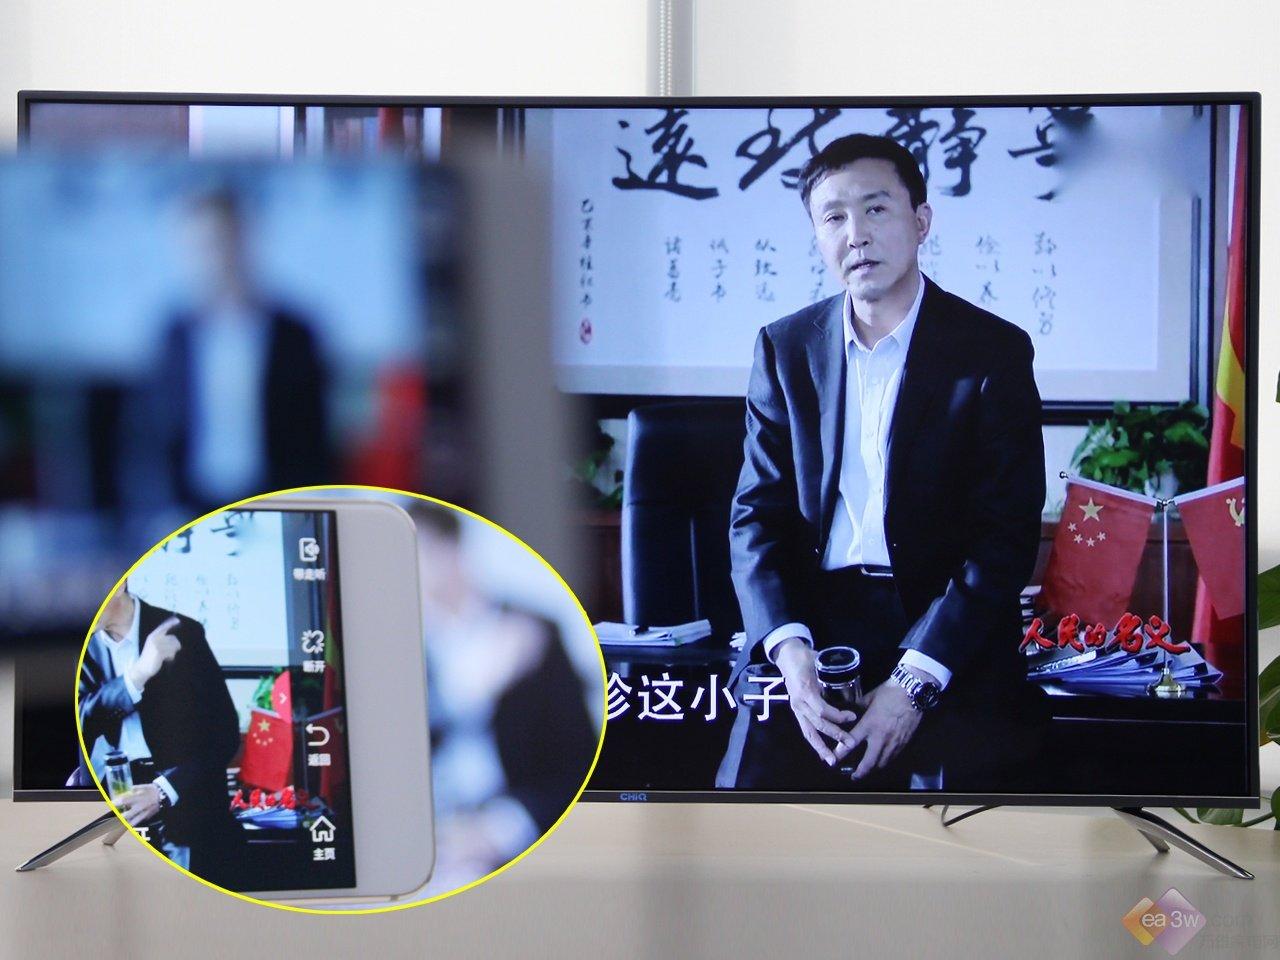 玩转智慧生活 长虹CHiQ电视55Q5N全国首测